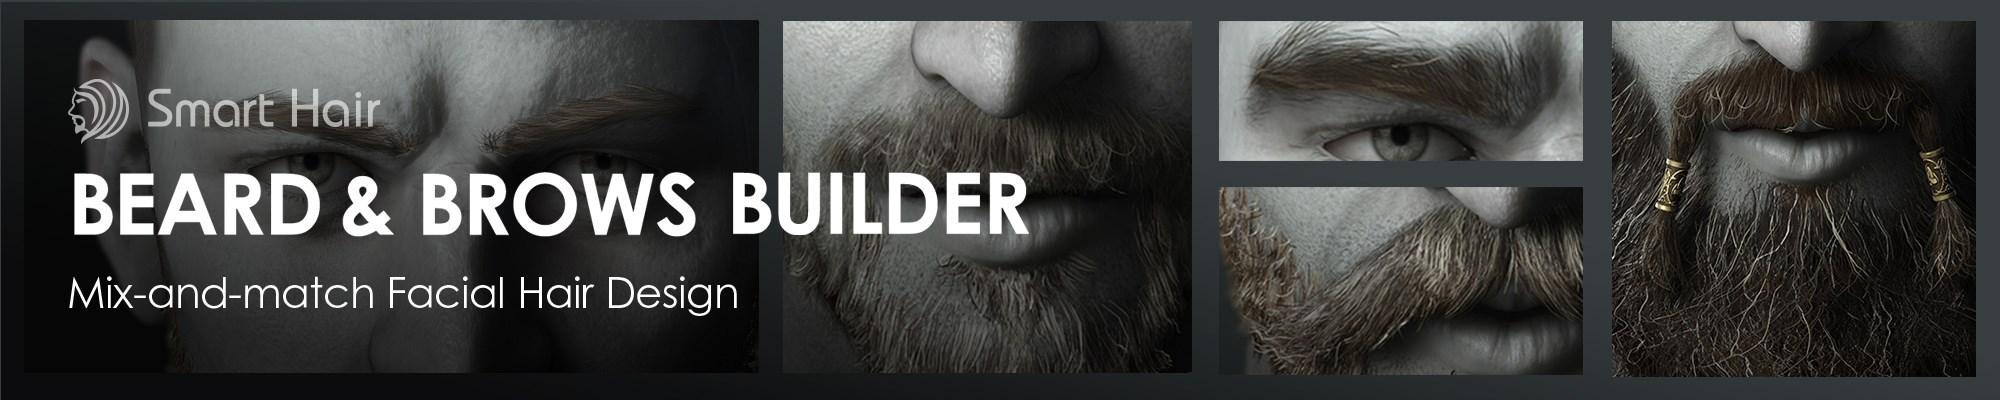 Beard & Brows Builder - Mix-and-match Facial Hair Design